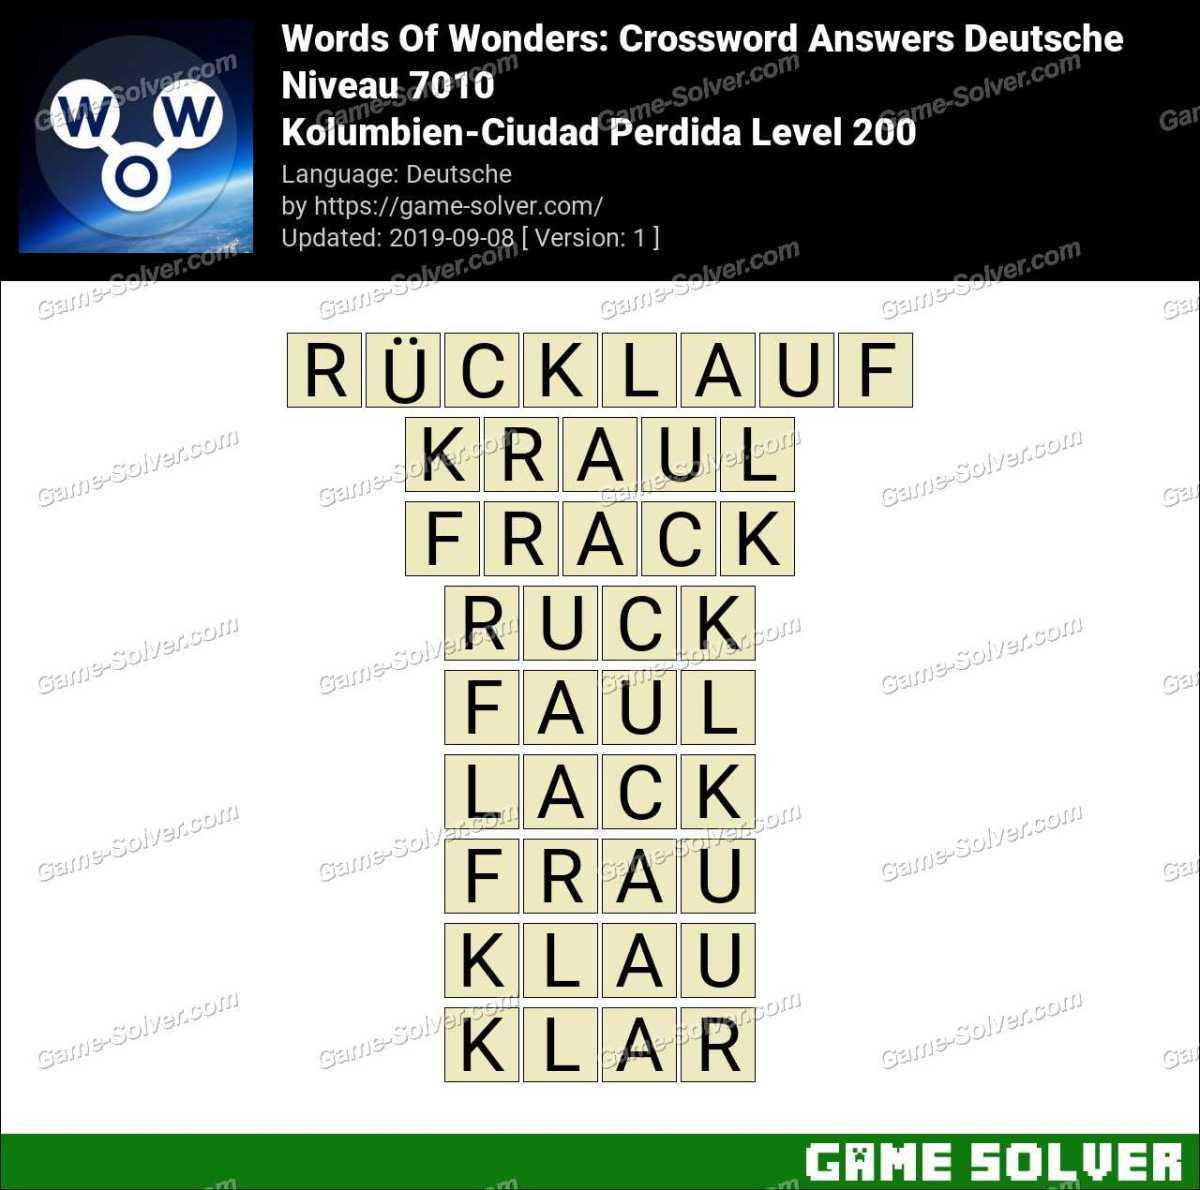 Words Of Wonders Kolumbien-Ciudad Perdida Level 200 Answers